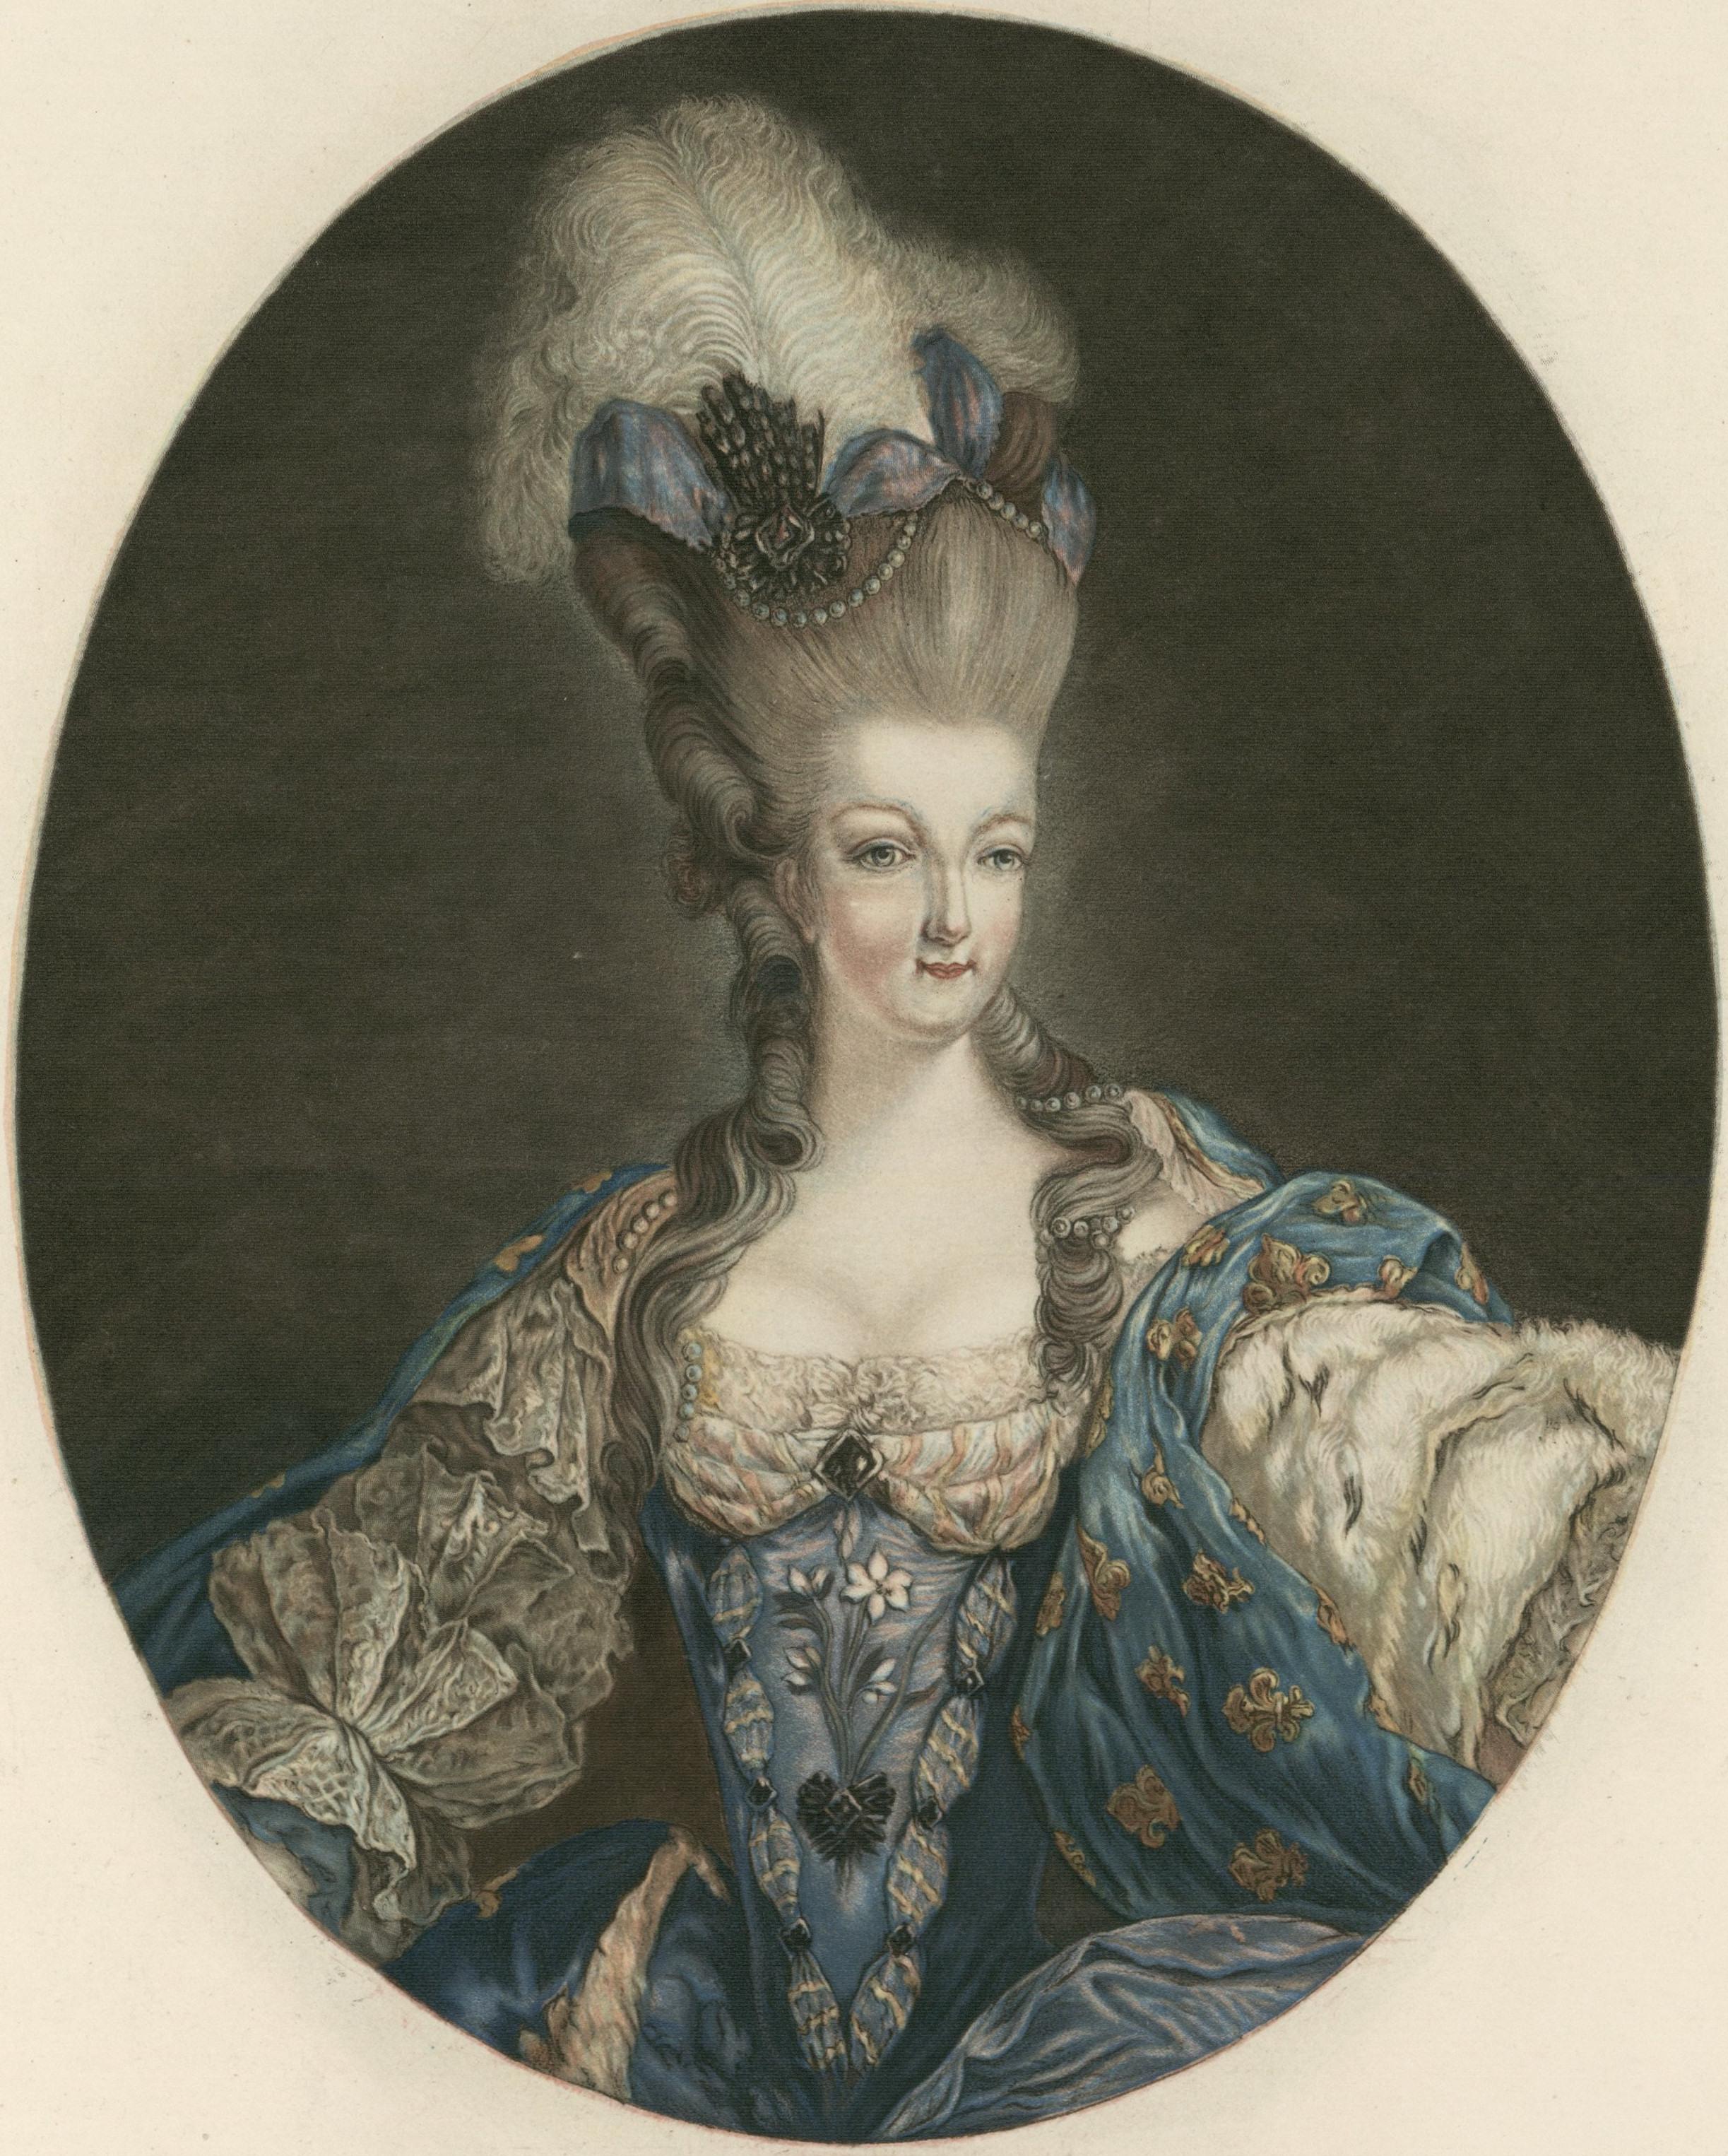 File:Portrait of Marie Antoinette - Janinet 1777.jpg